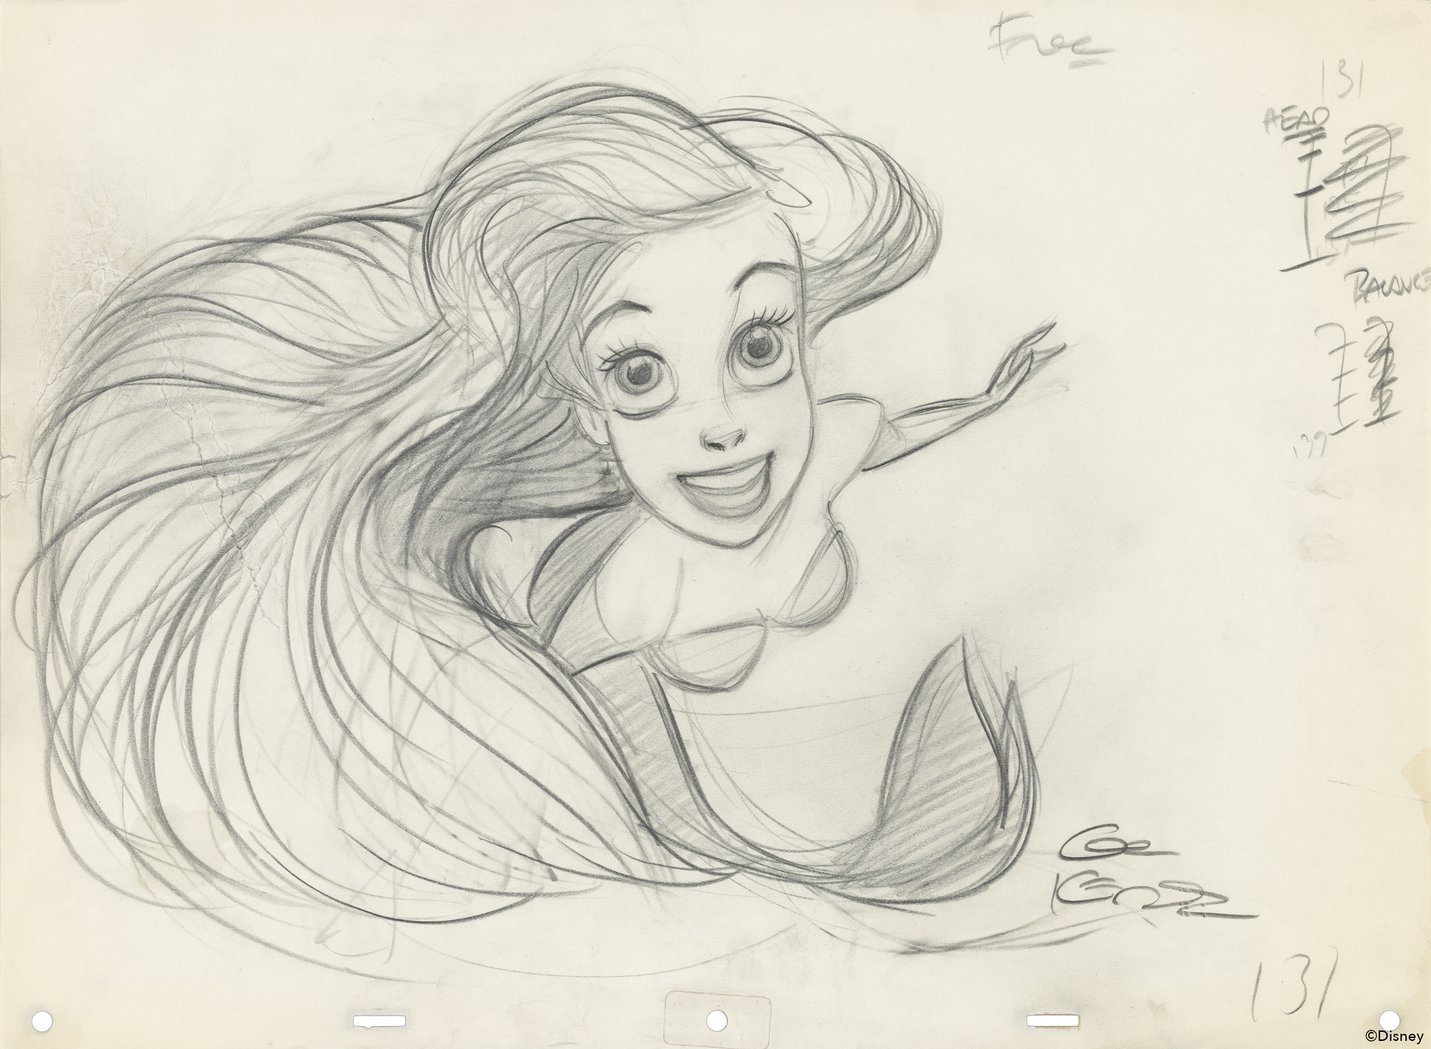 The Little Mermaid (1989) Glen Keane, Rough animation drawing, Graphite on paper.jpg